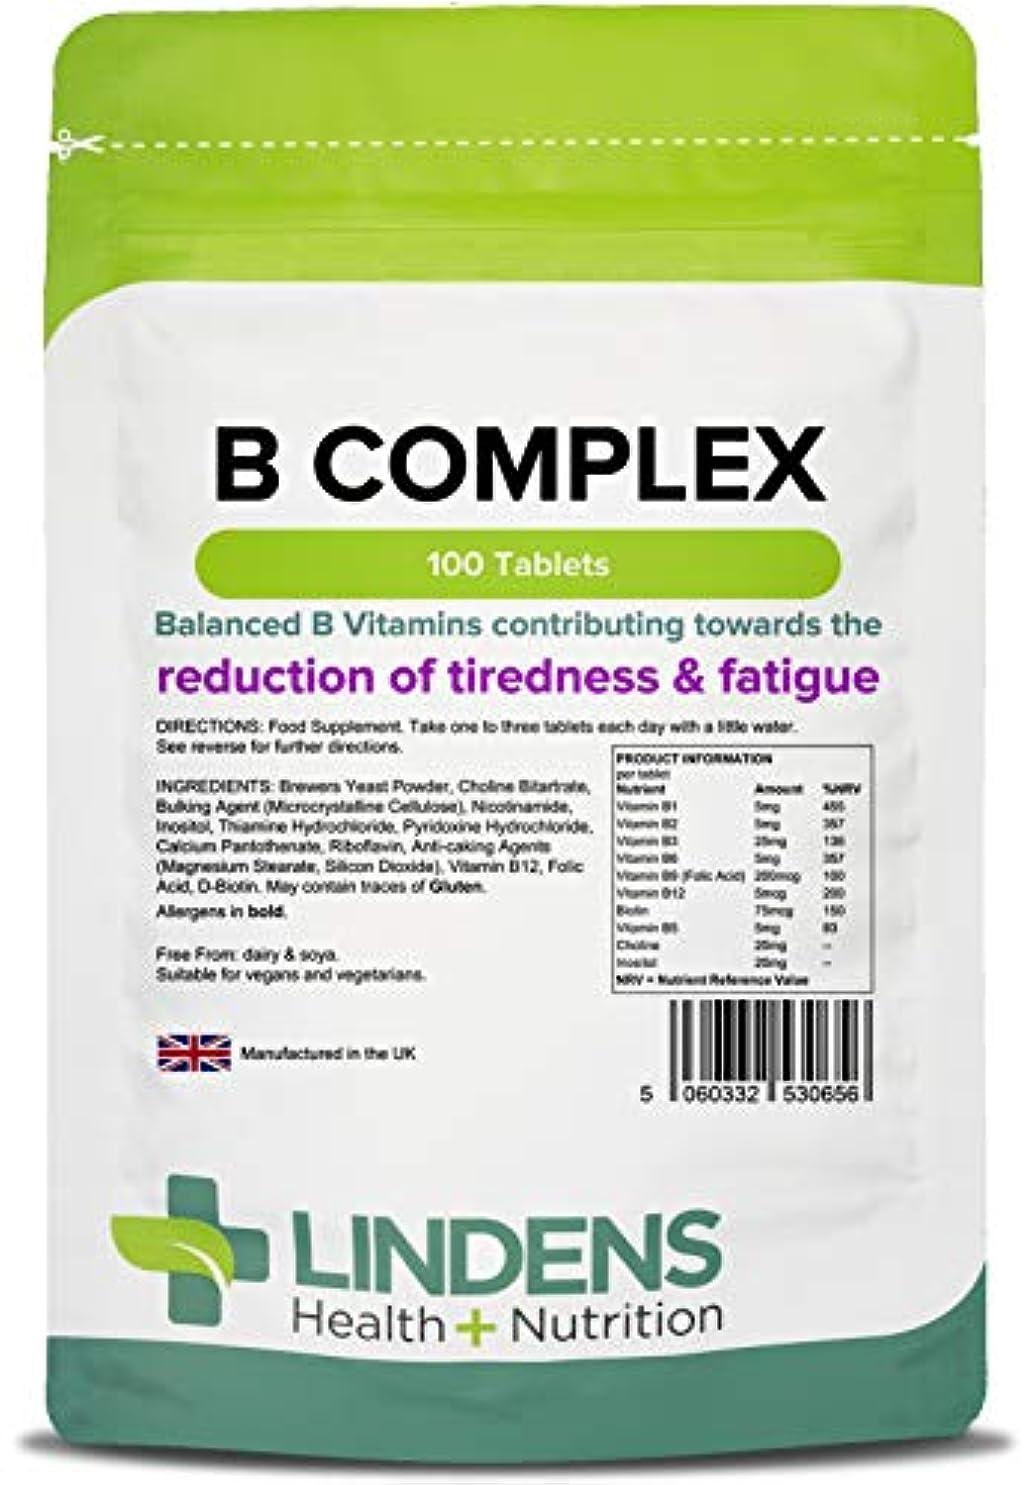 ヘア布メドレービタミンB複合体(全9ビタミンB)100錠